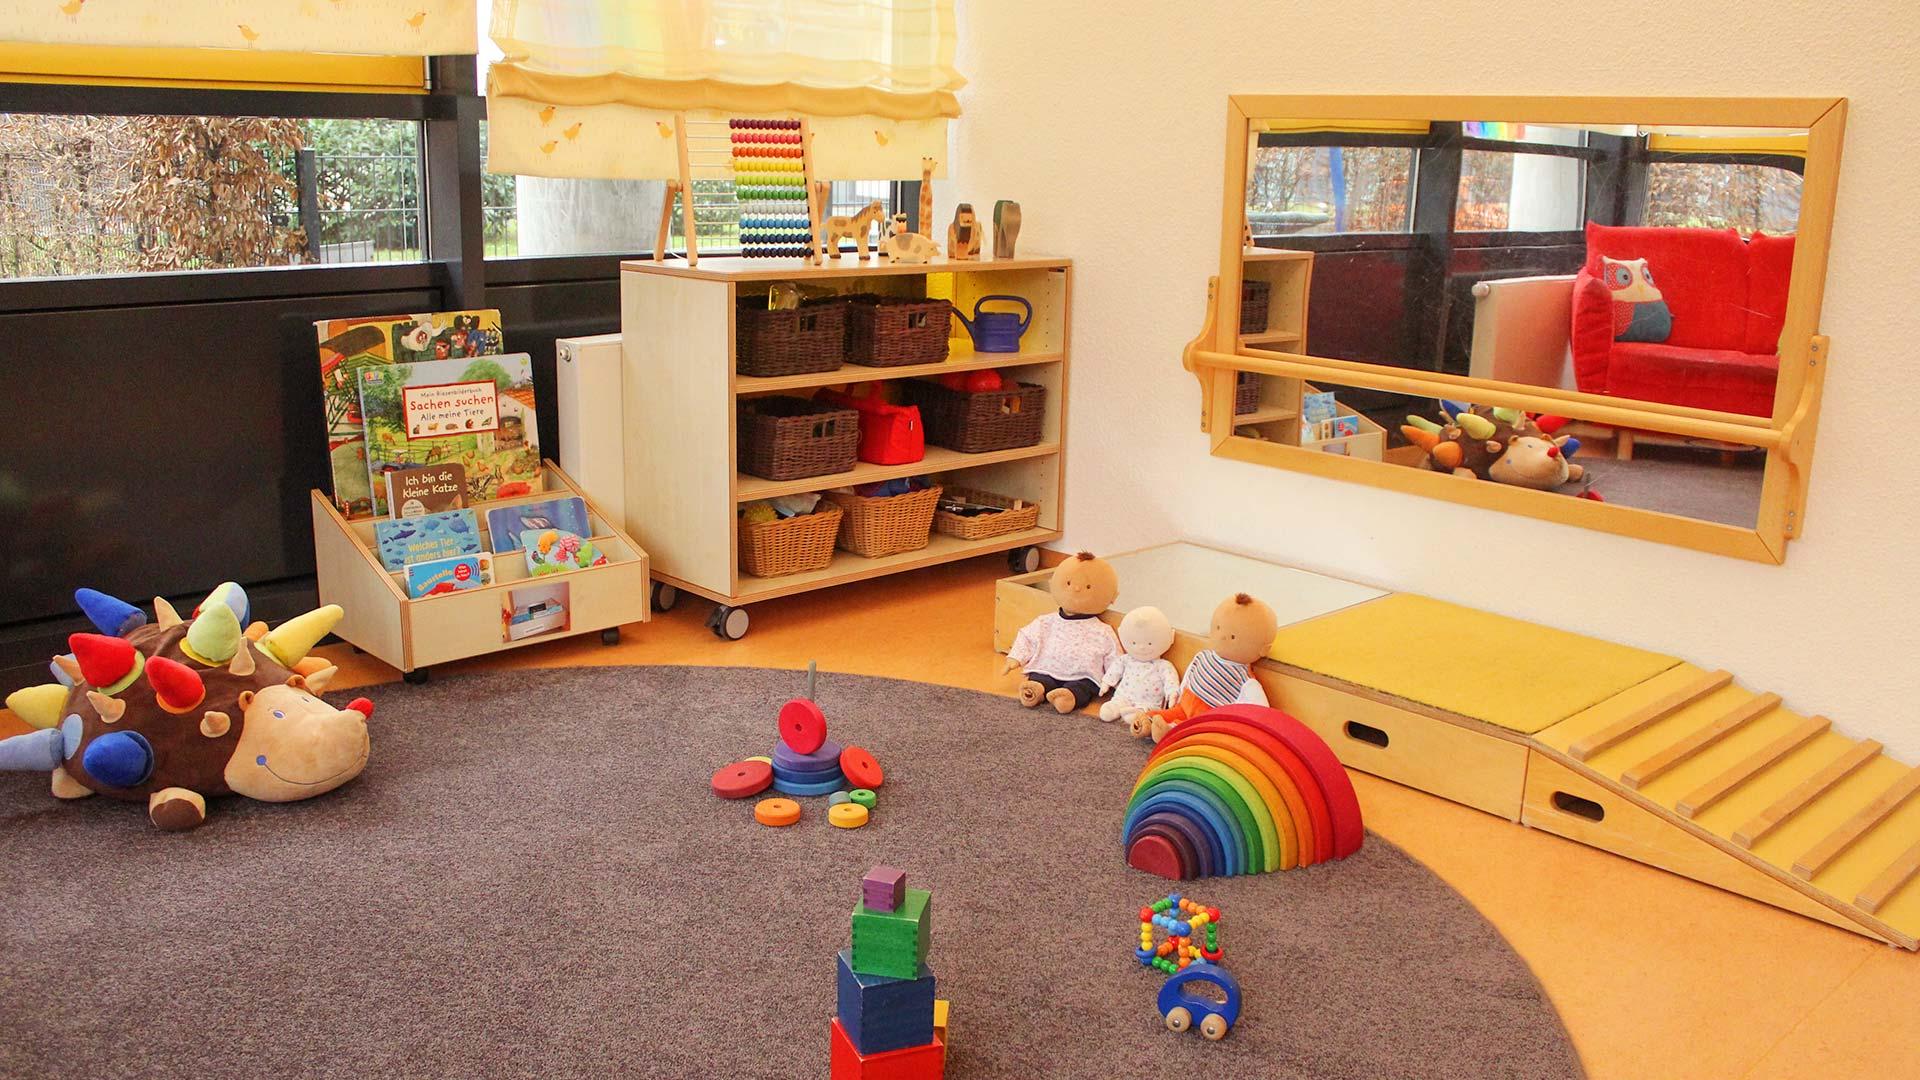 Spielbereich mit viel Spielzeug und Büchern zur Beschäftigung der Kinder